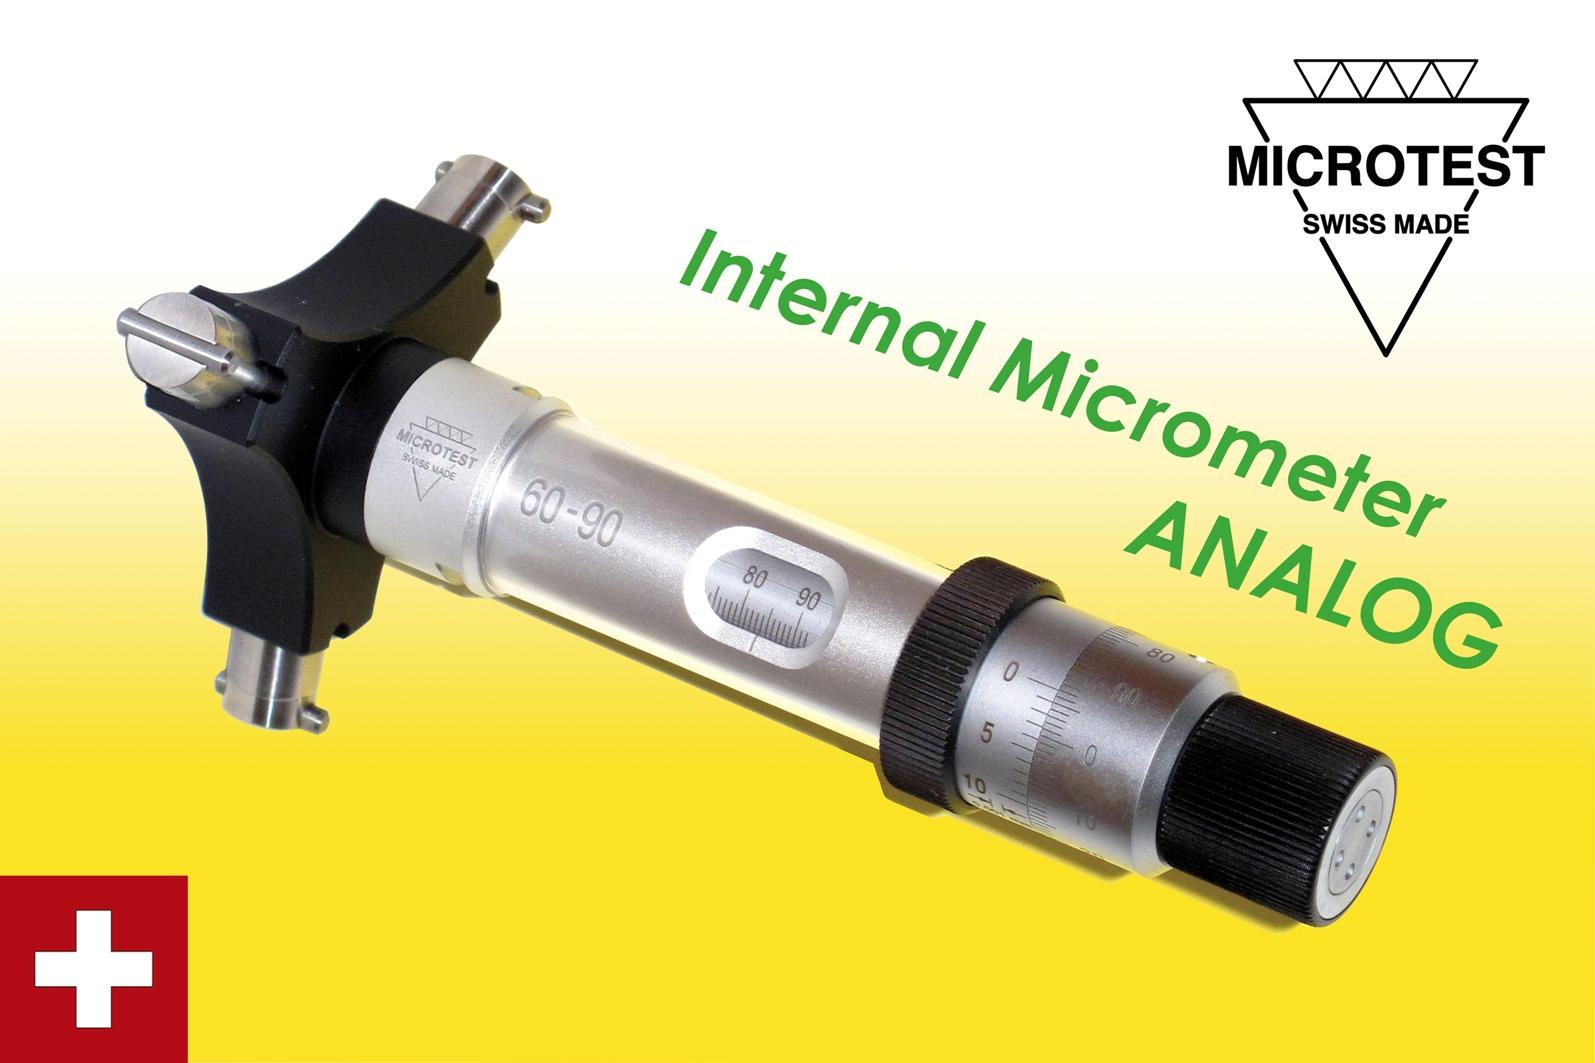 Hvor nøyaktig kan du måle med et mikrometer